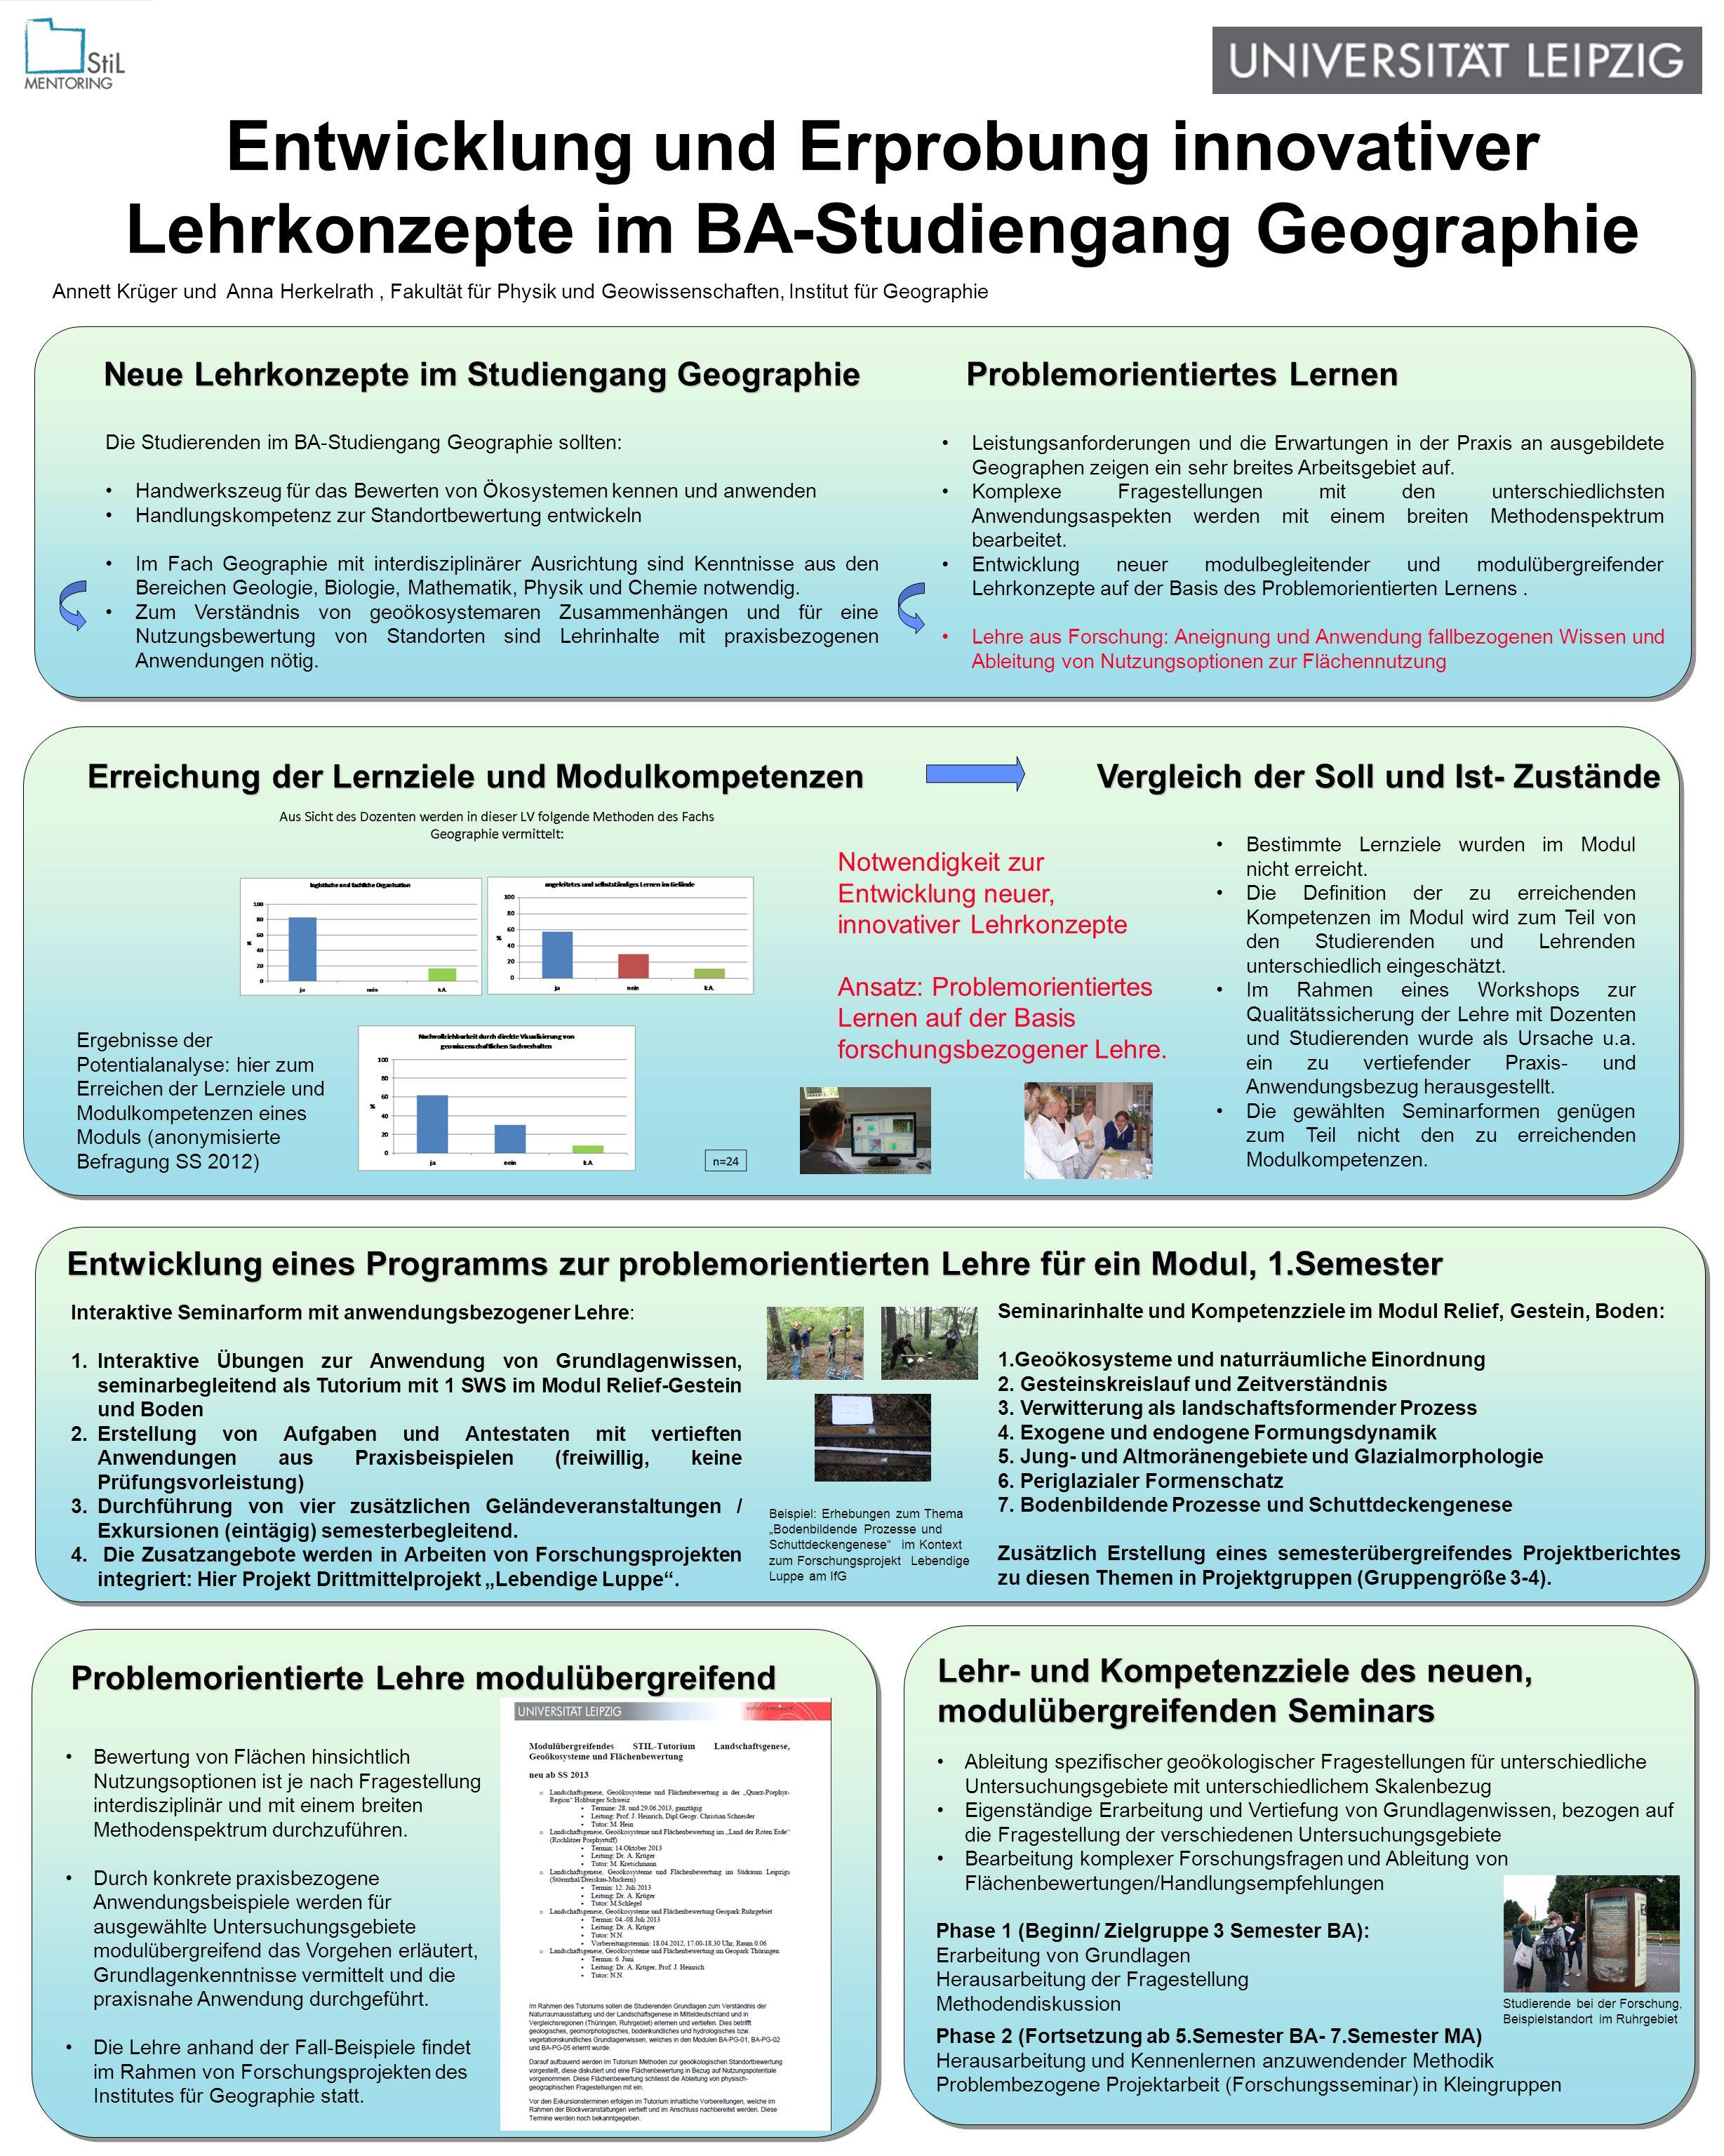 Entwicklung und Erprobung innovativer Lehrkonzepte im BA-Studiengang Geographie Neue Lehrkonzepte im Studiengang Geographie Die Studierenden im BA-Stu